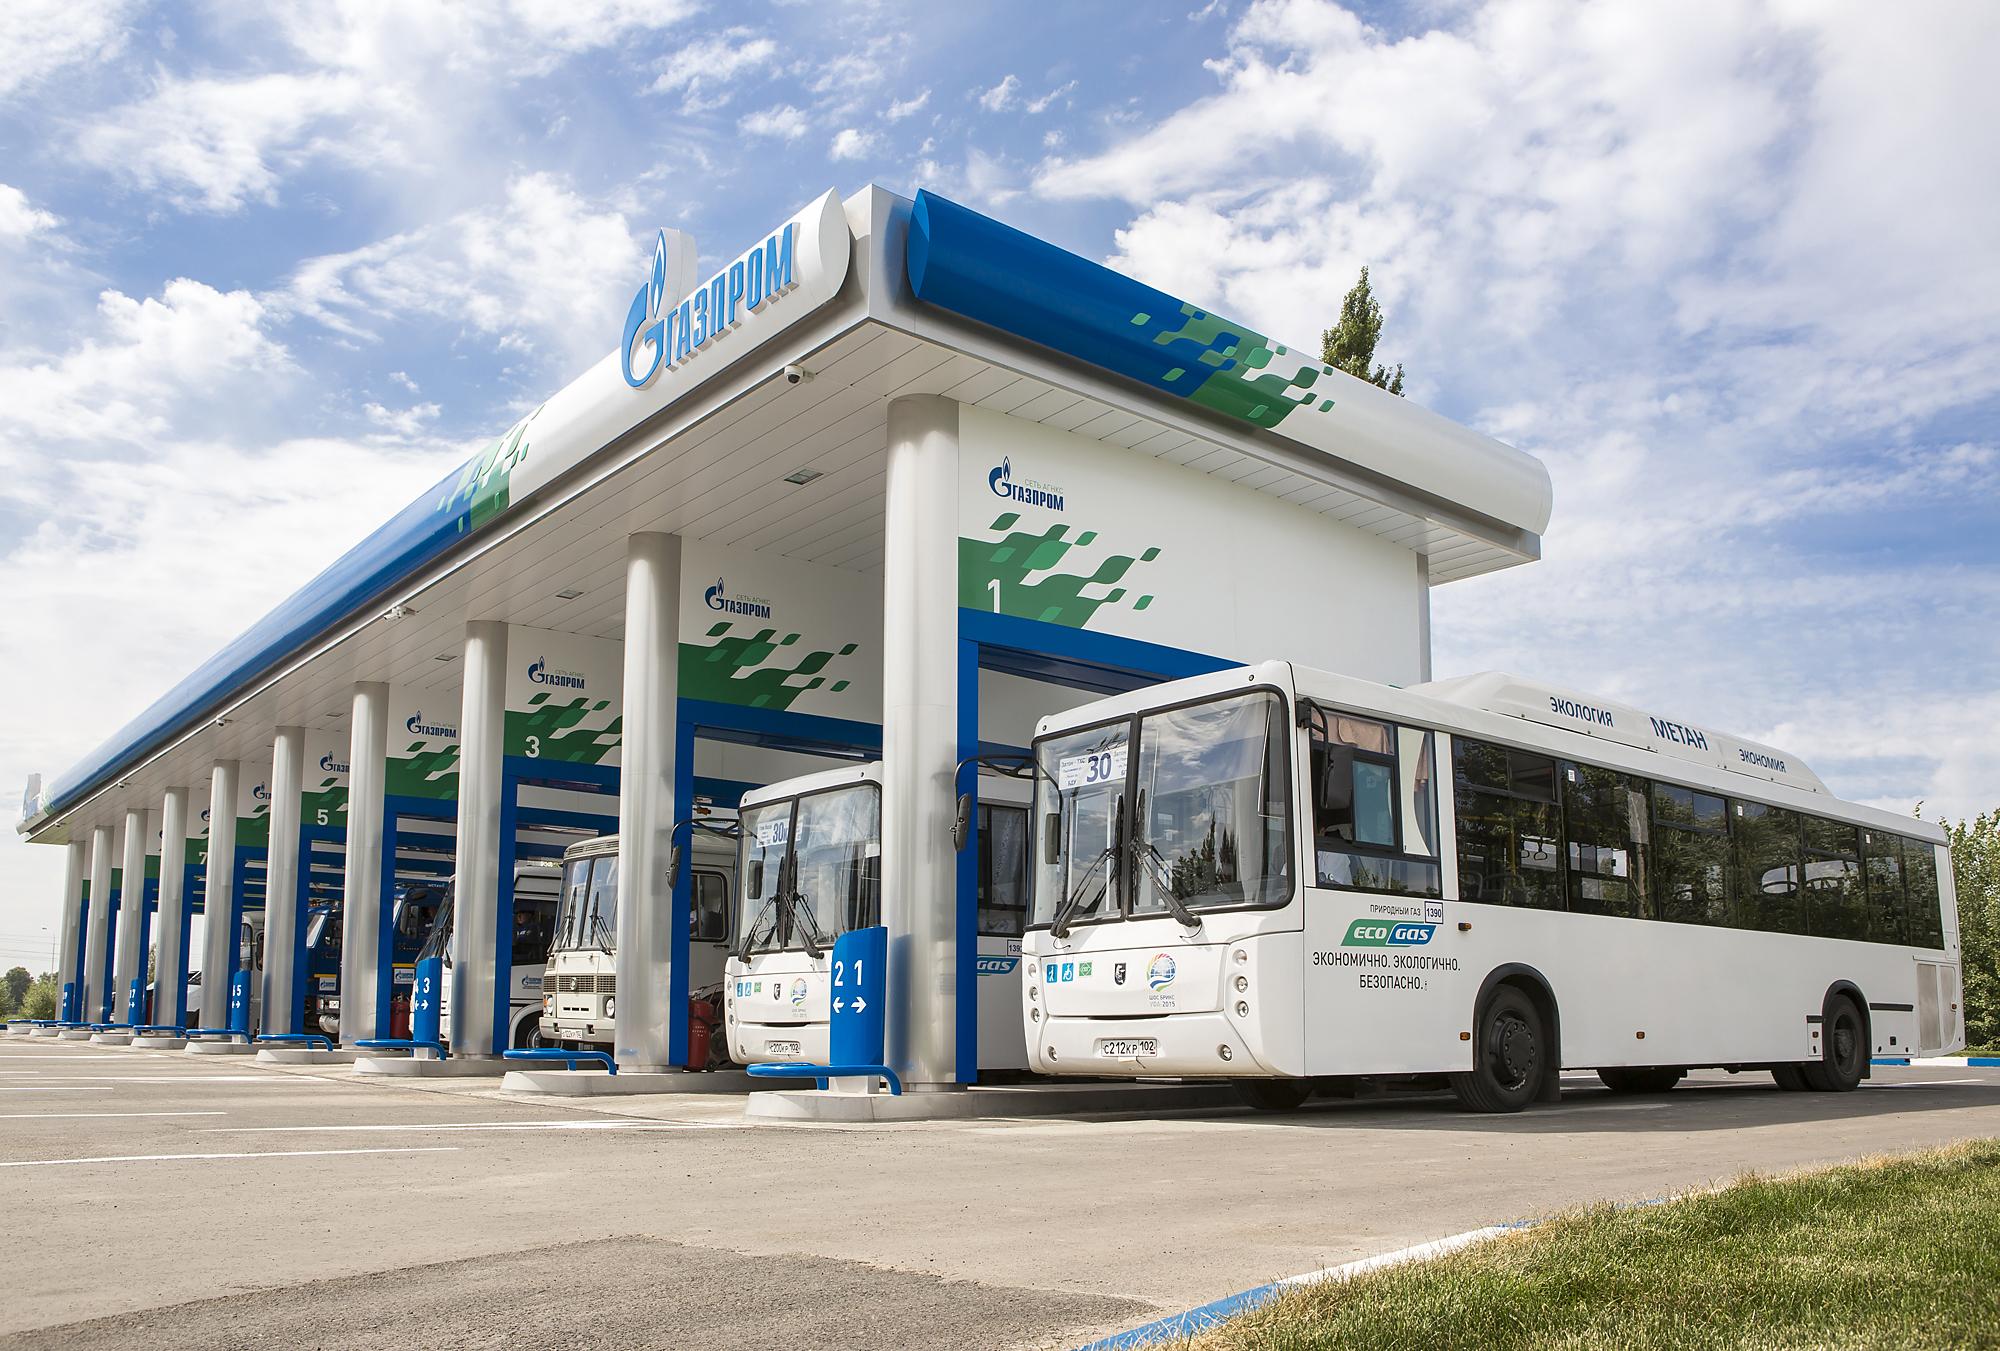 Волгоградская область продвигает проект по расширению использования газомоторного топлива, закупая технику и развивая сеть АГНКС